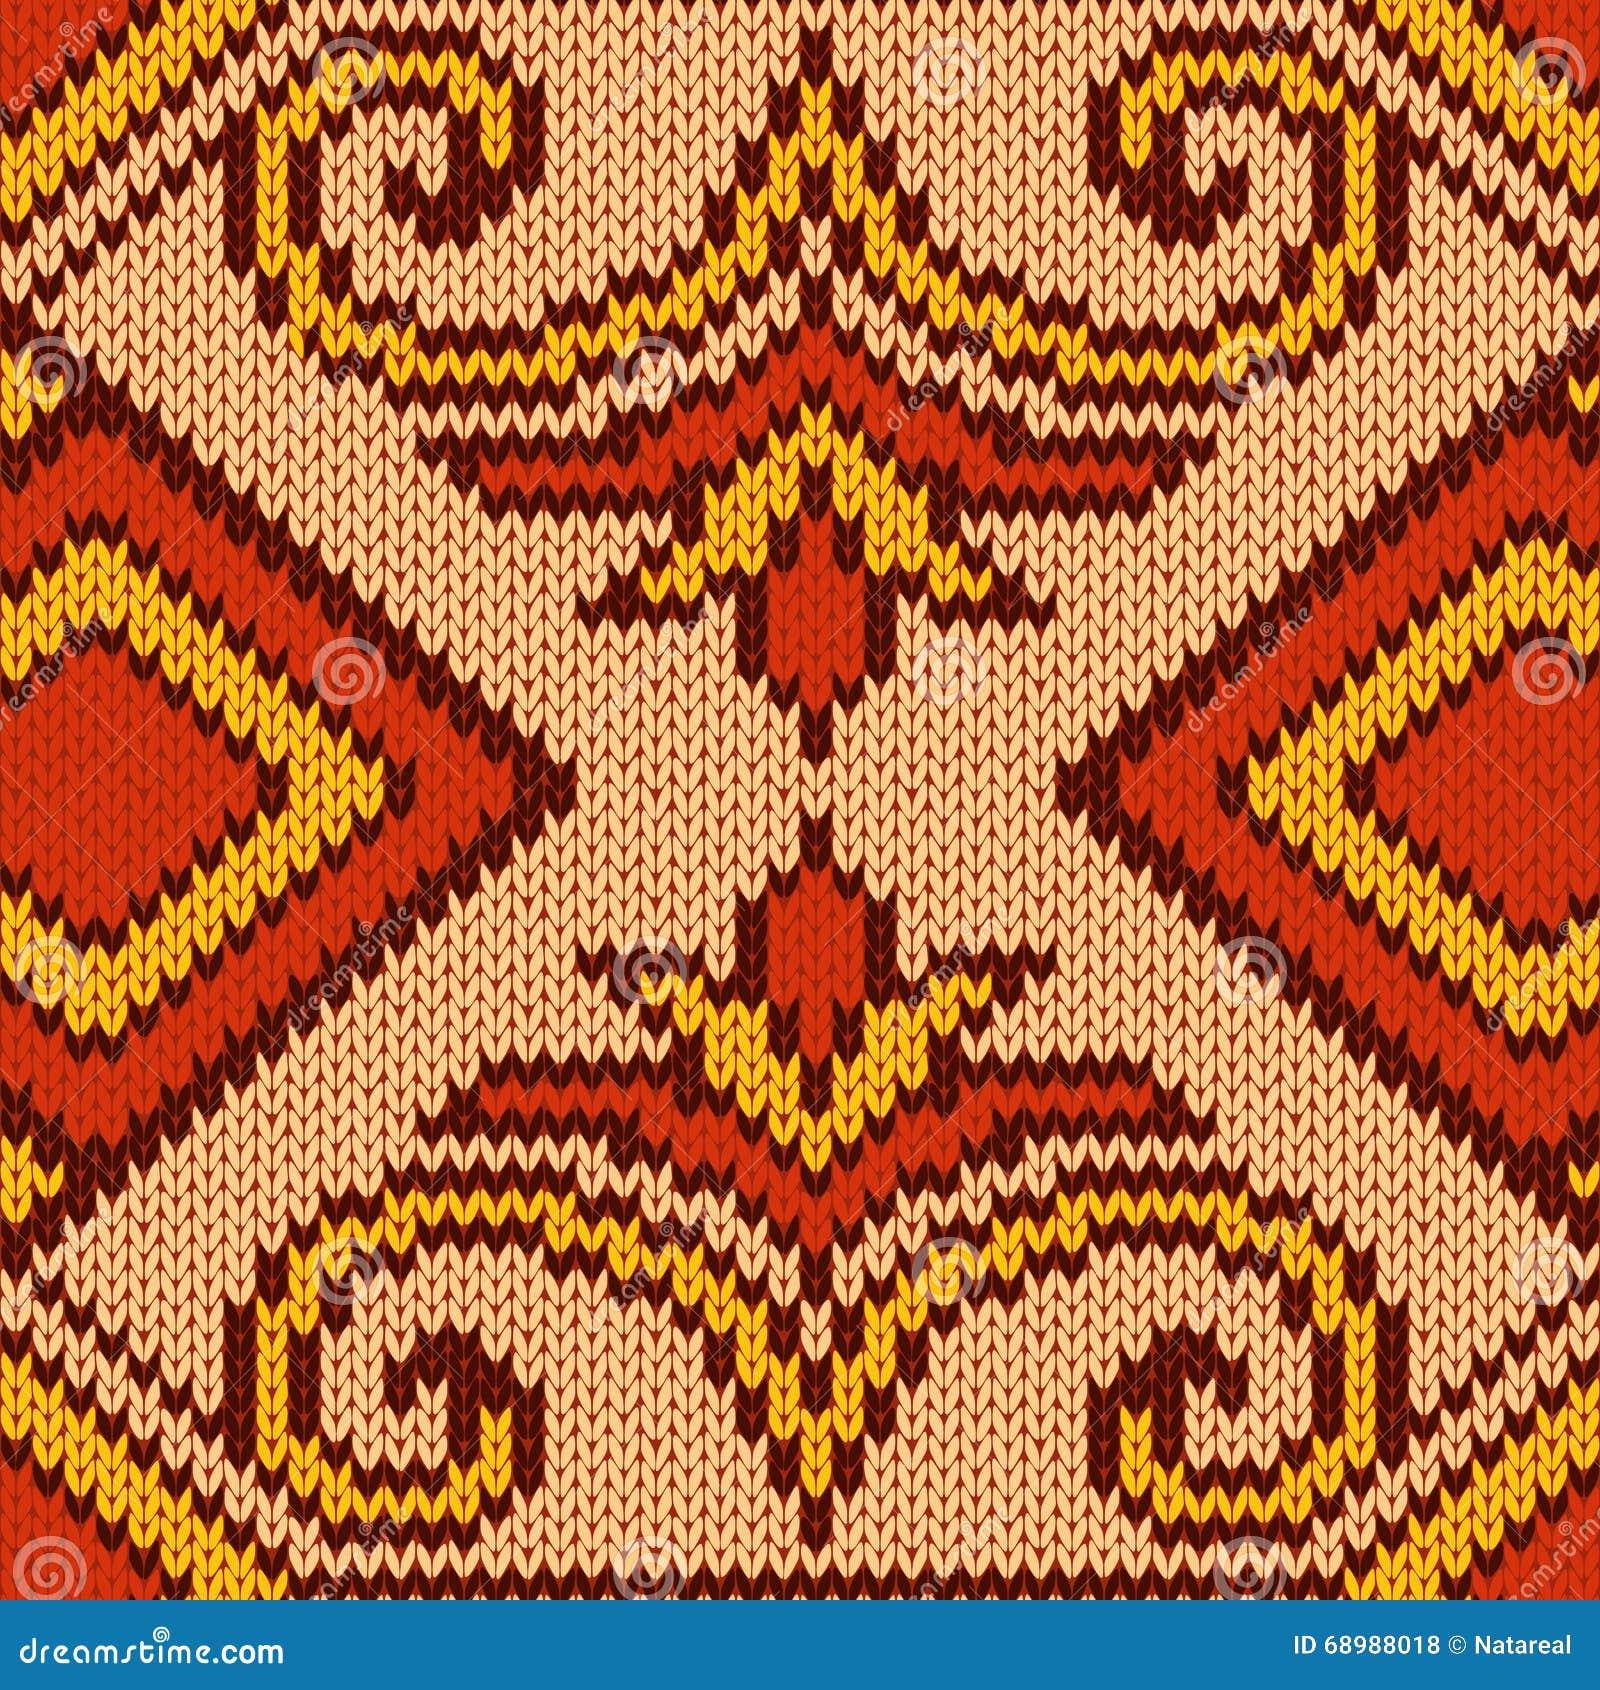 Gestricktes nahtloses Muster hauptsächlich im Rot und im Gelb